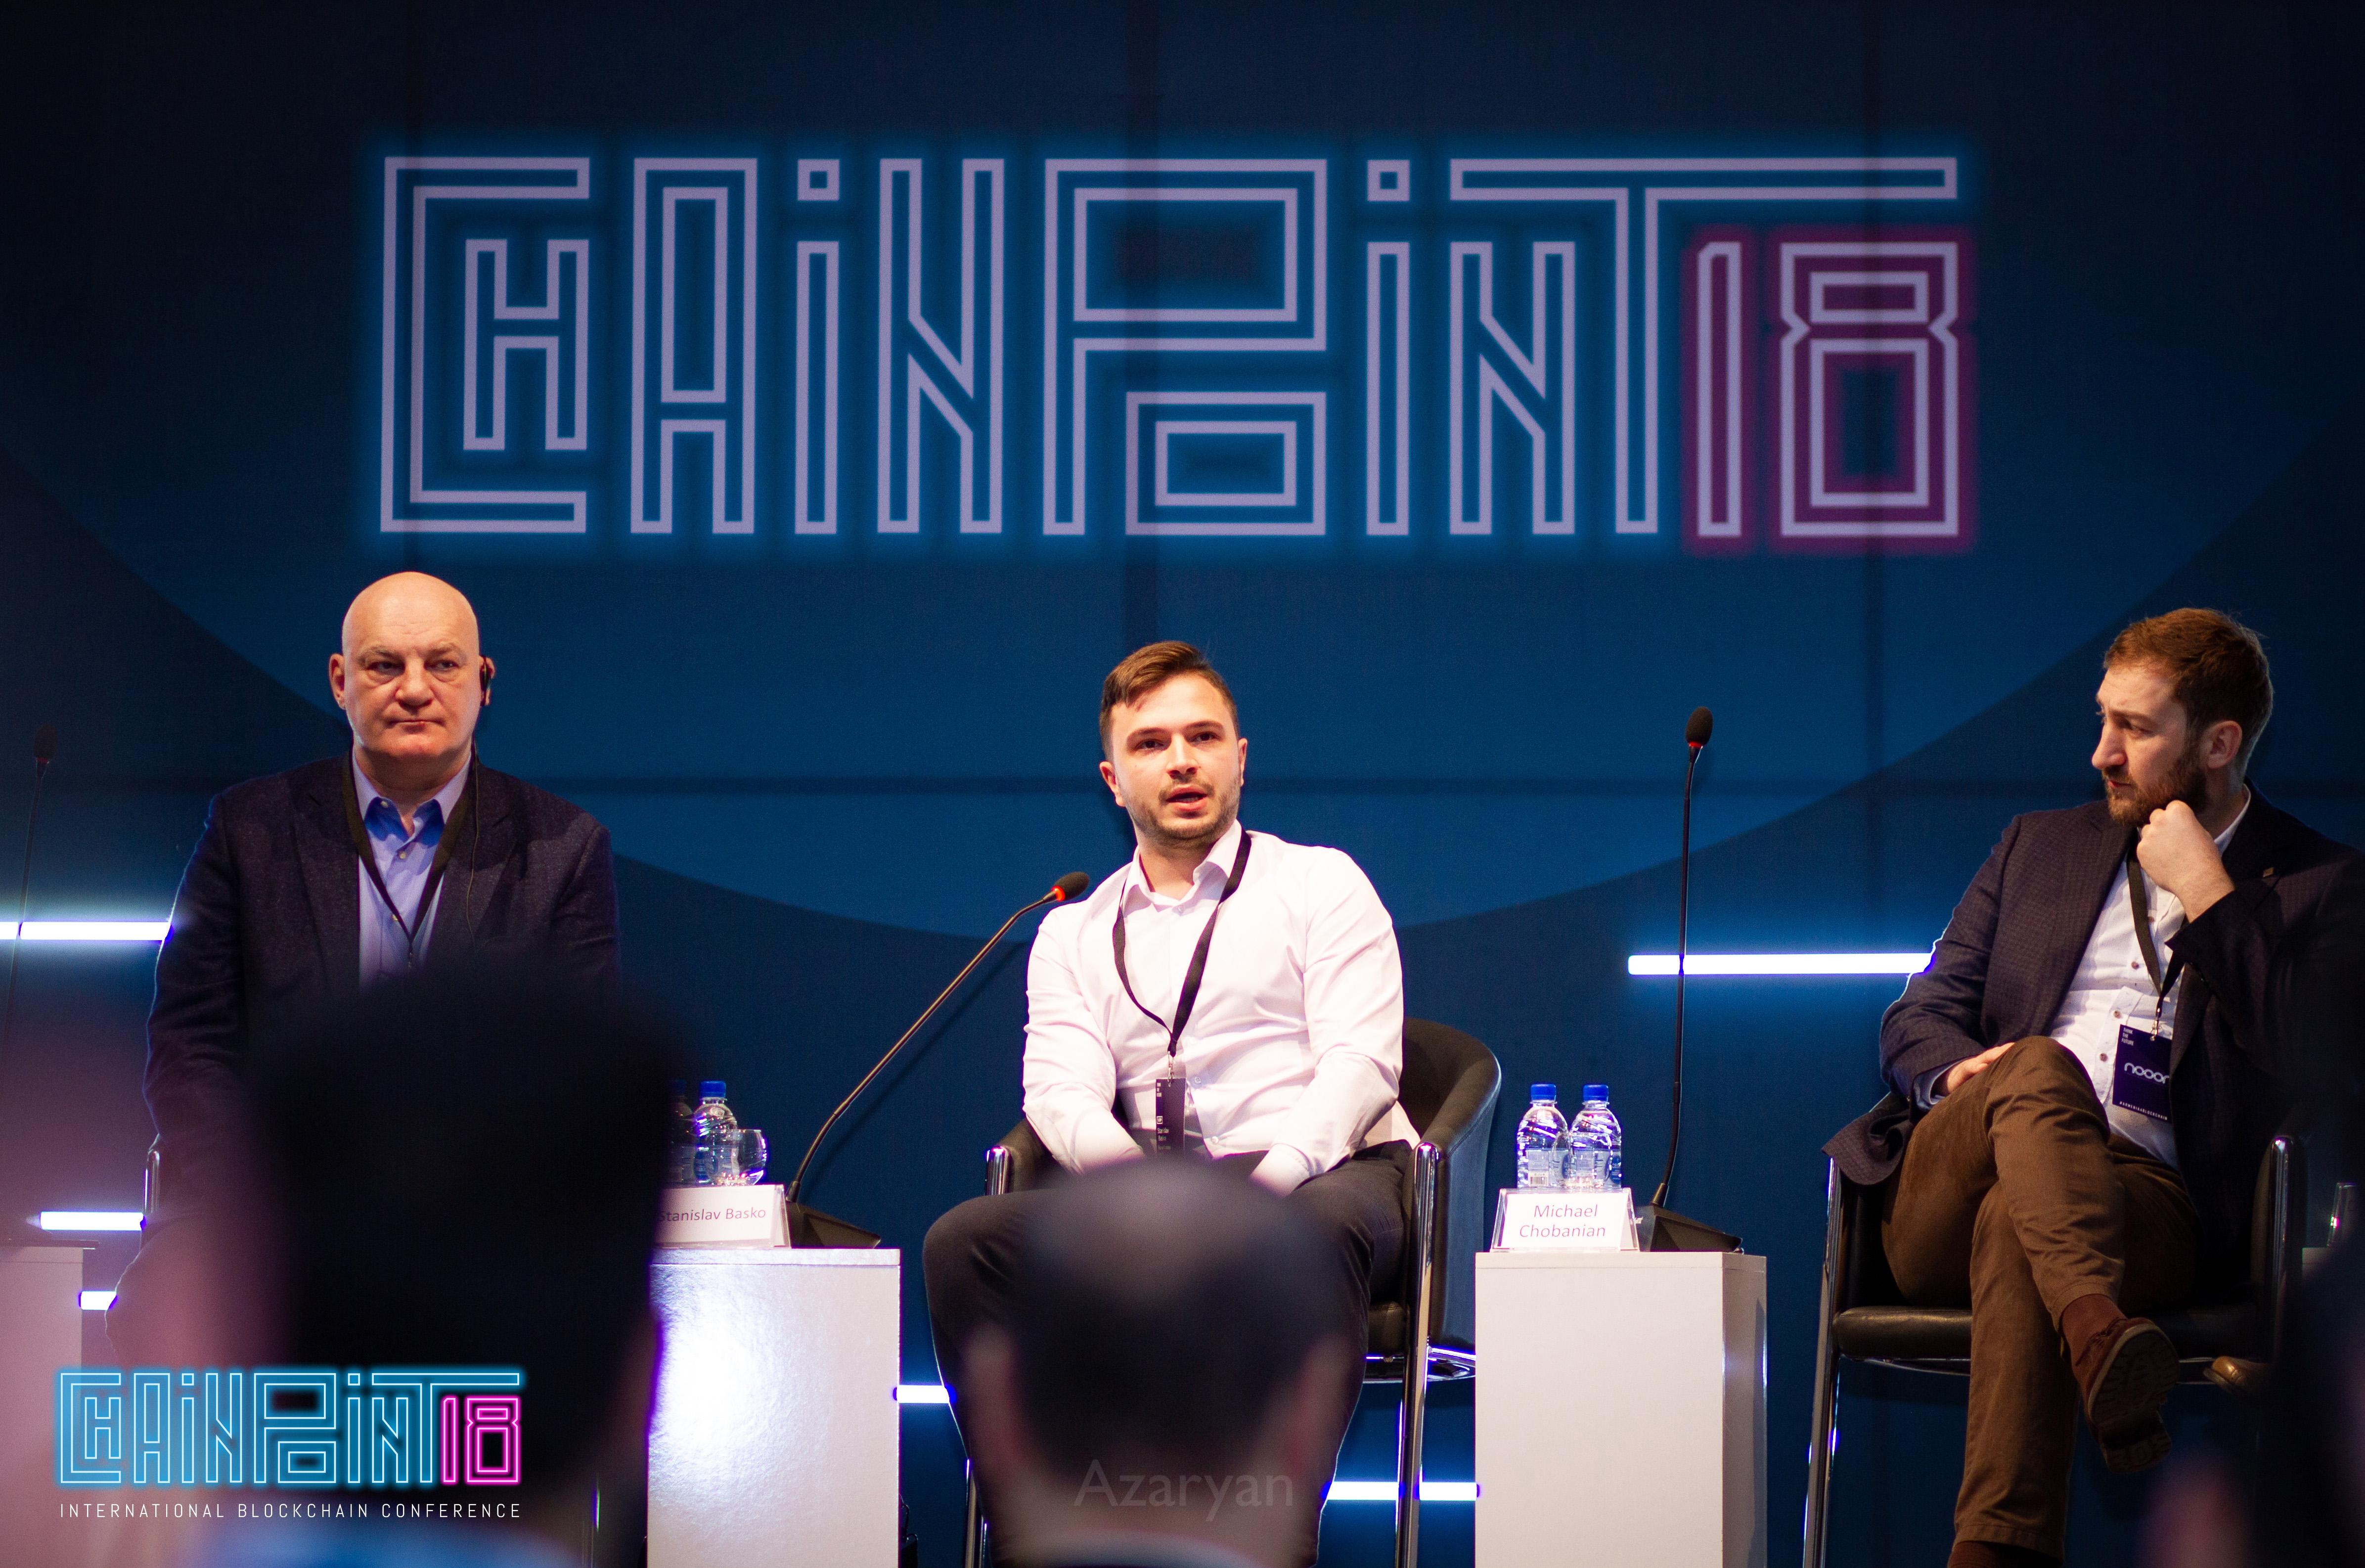 Հայաստանը՝ բլոկչեյն տեխնոլոգիայի փորձագիտության կենտրոն